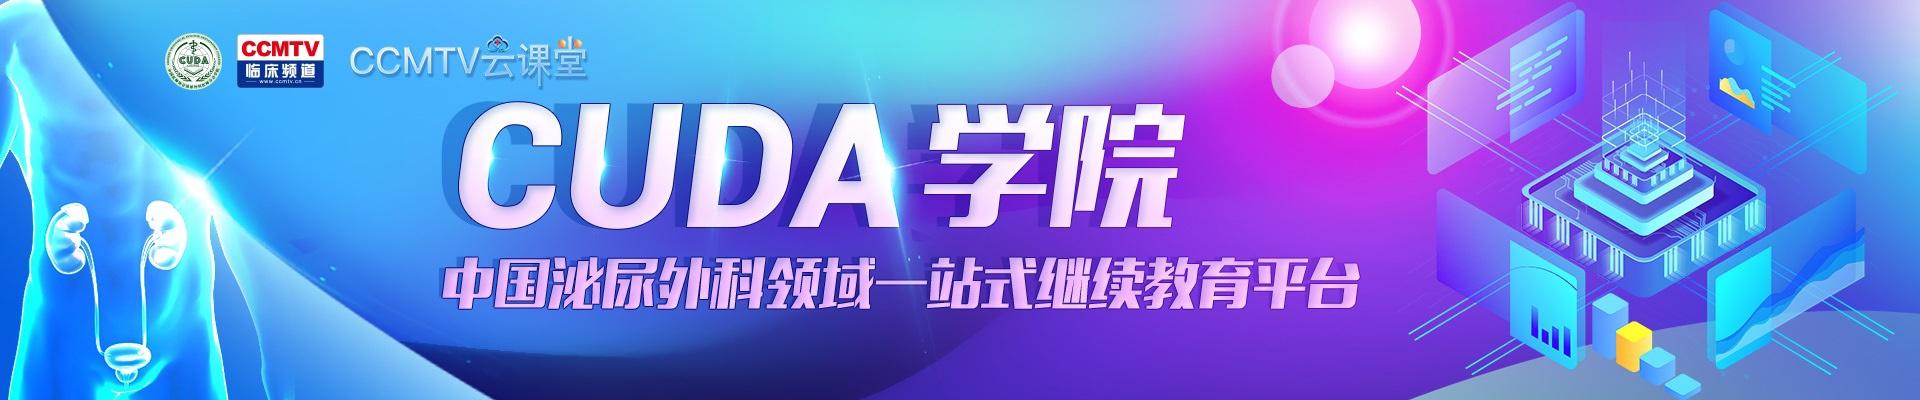 CUDA学院 —— 中国泌尿外科领域一站式继续教育平台